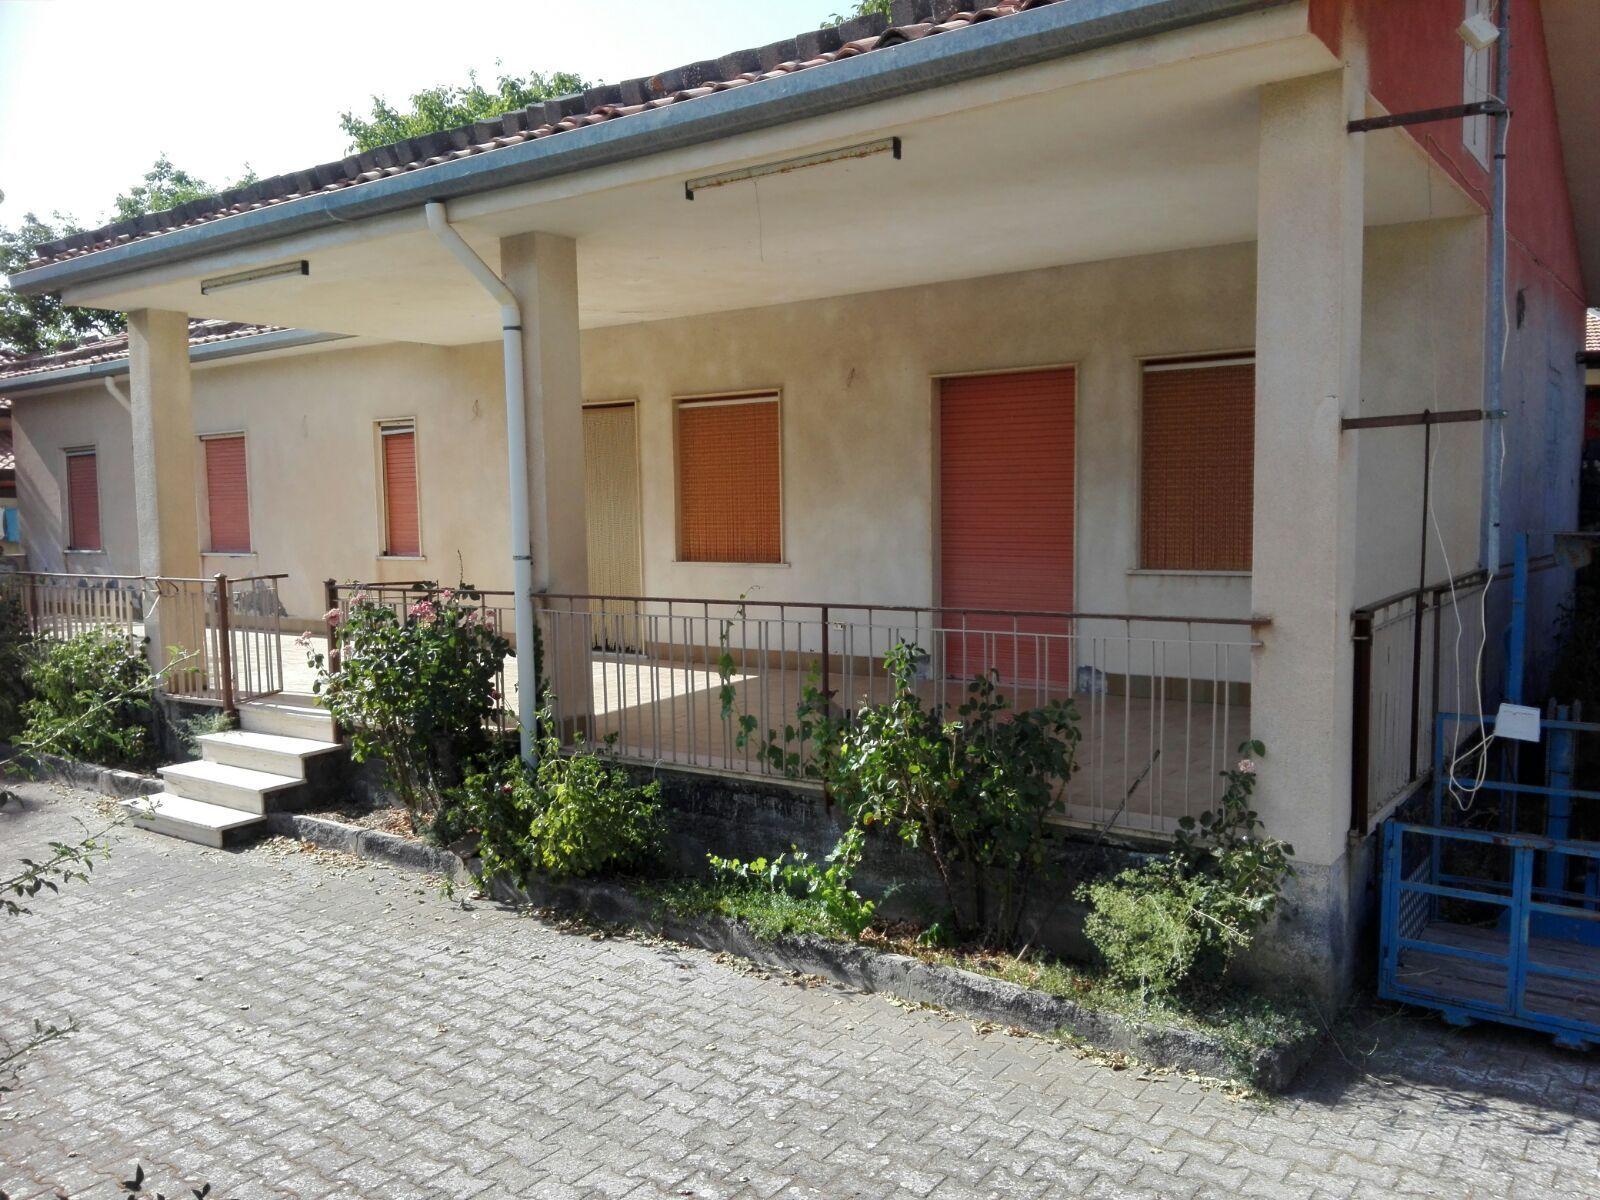 Image Appartamento in Contrada Difesa di Bronte (CT) Zona Parco dell'ETNA e Terreno Coltivabile e Pertinenze 8